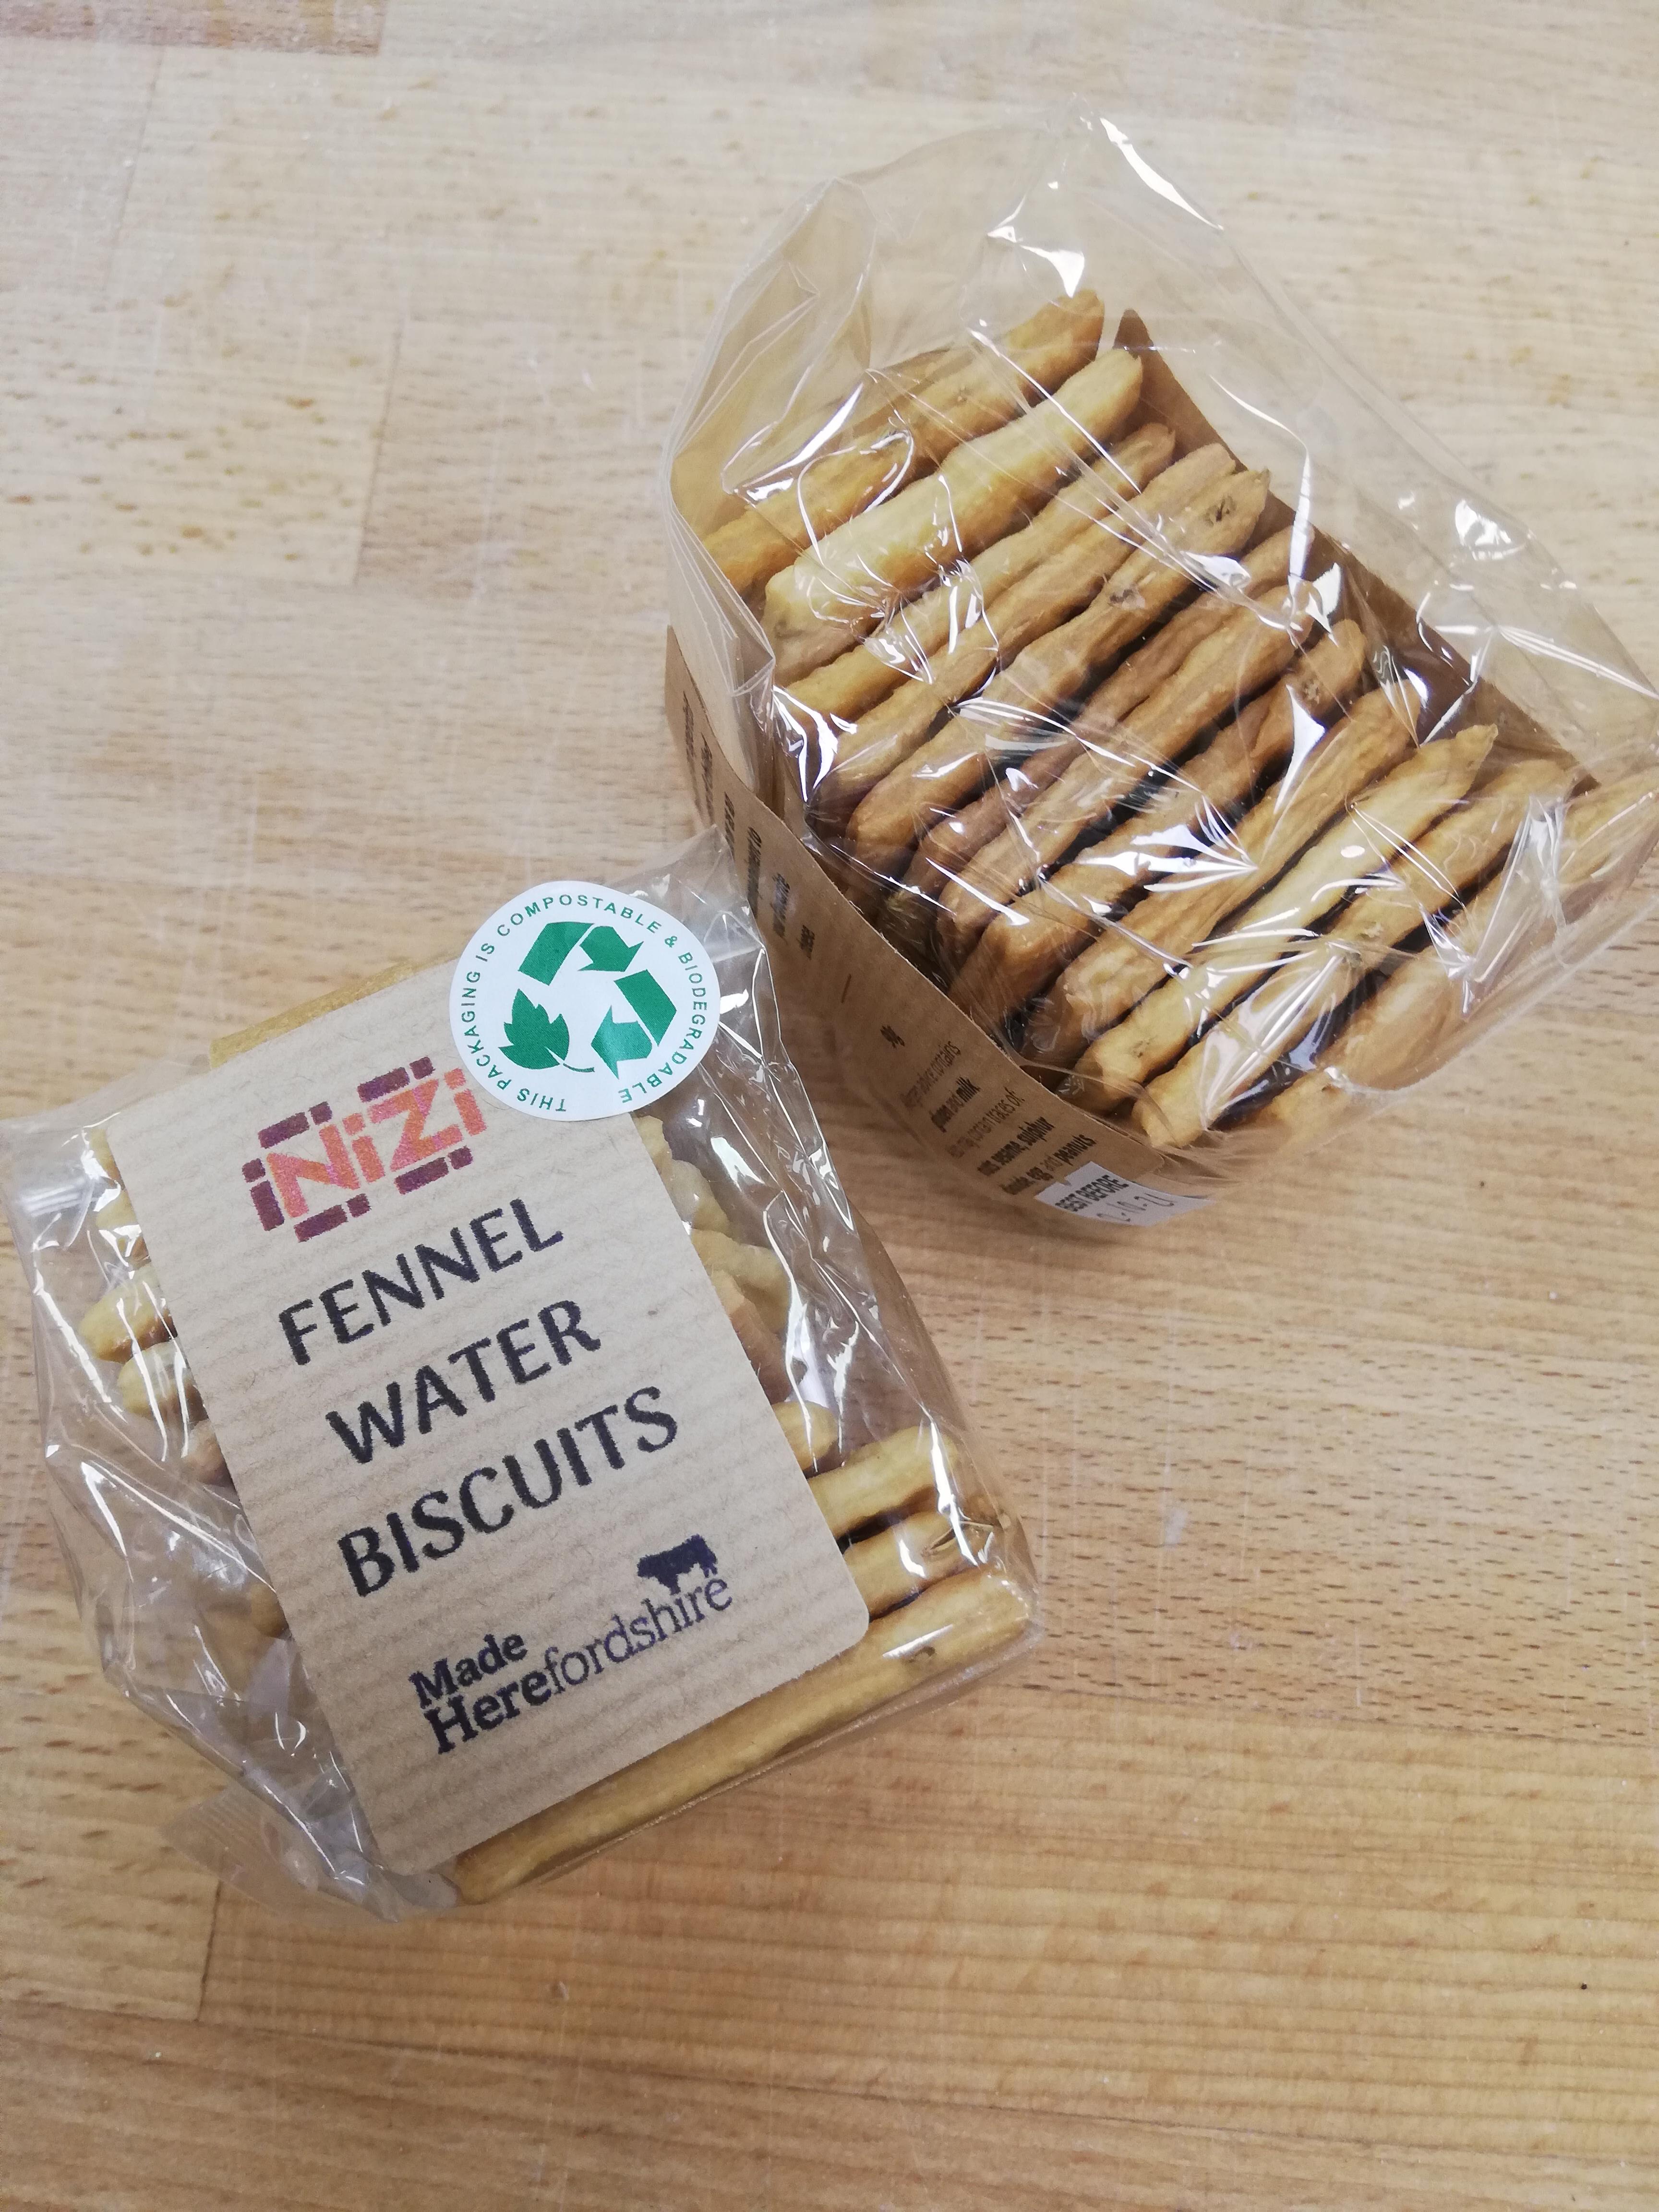 (FRI) Fennel Water Biscuits